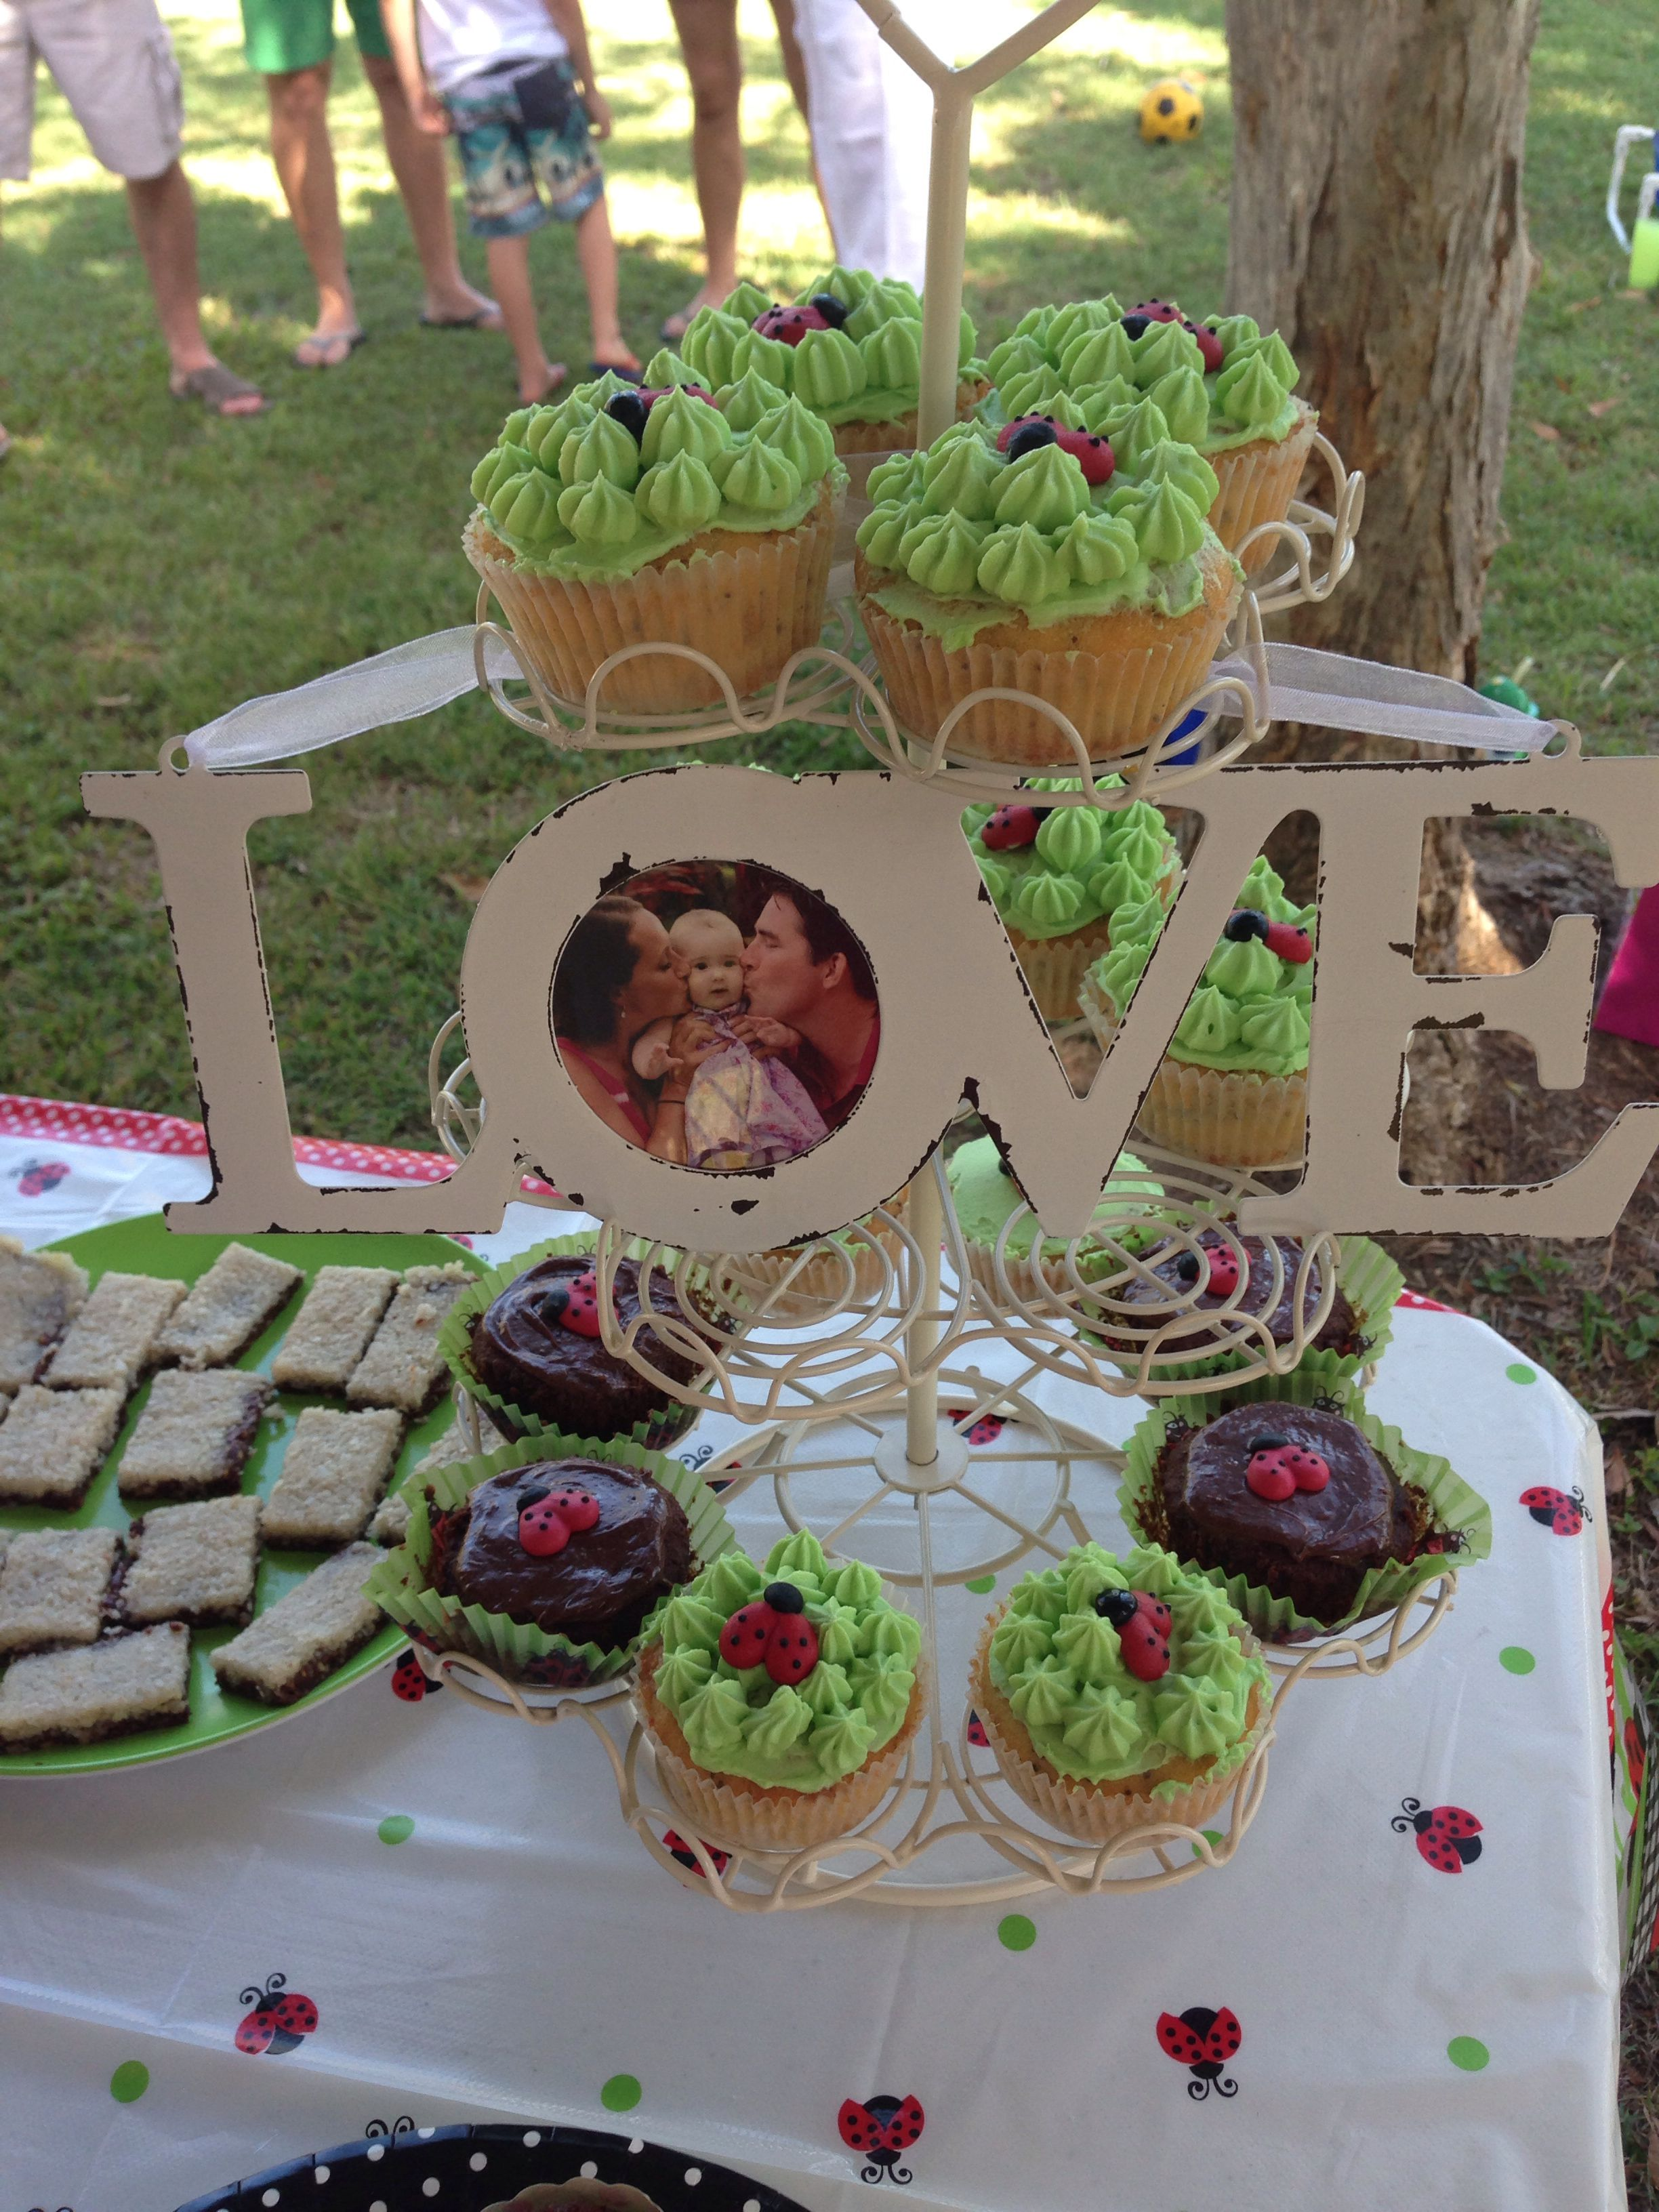 Ladybird cupcakes